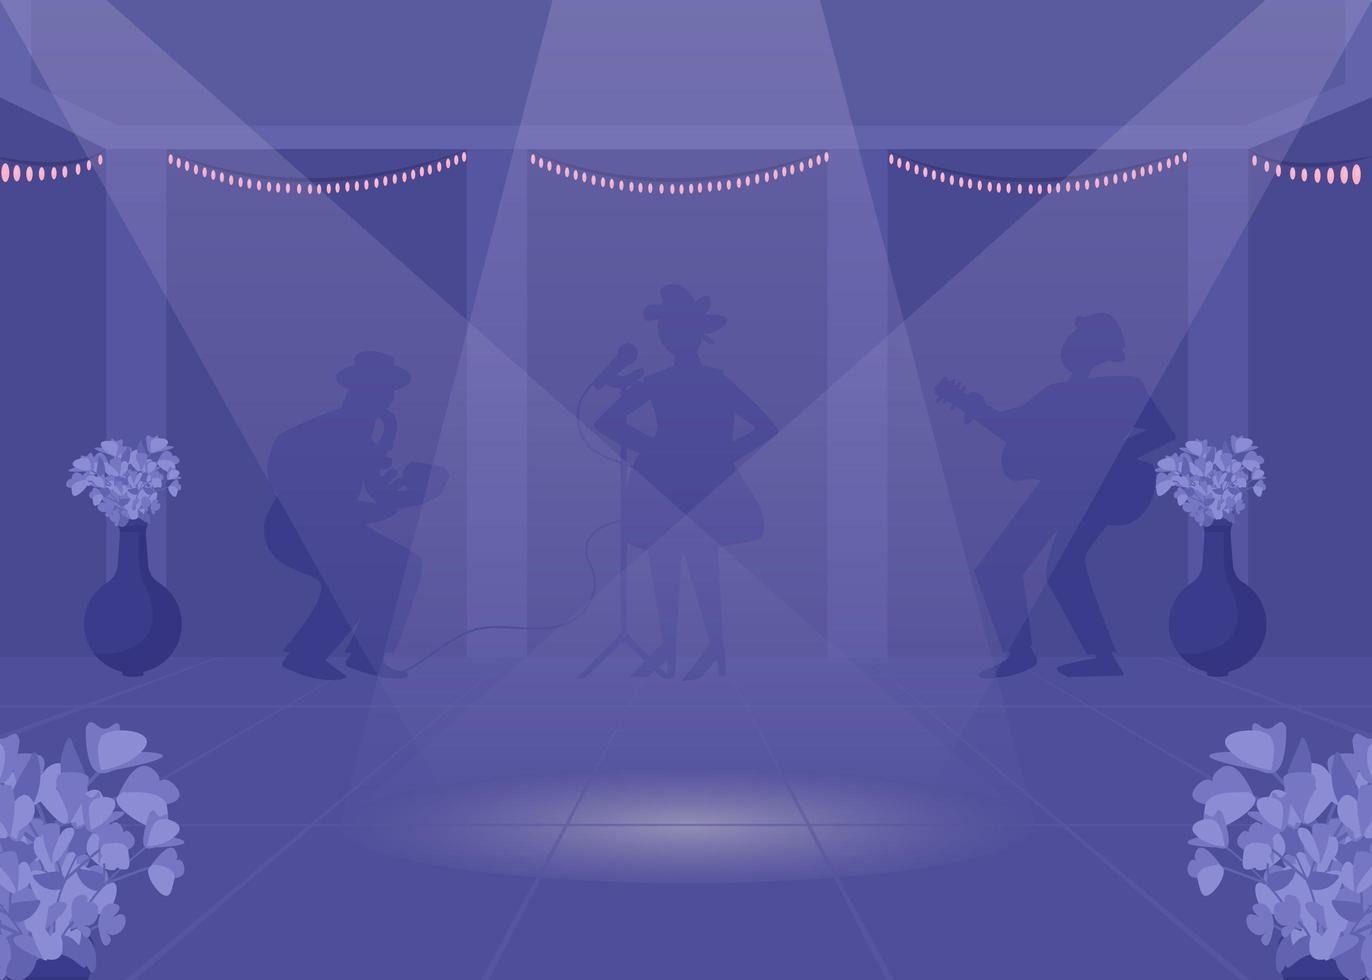 pista de baile por la noche vector